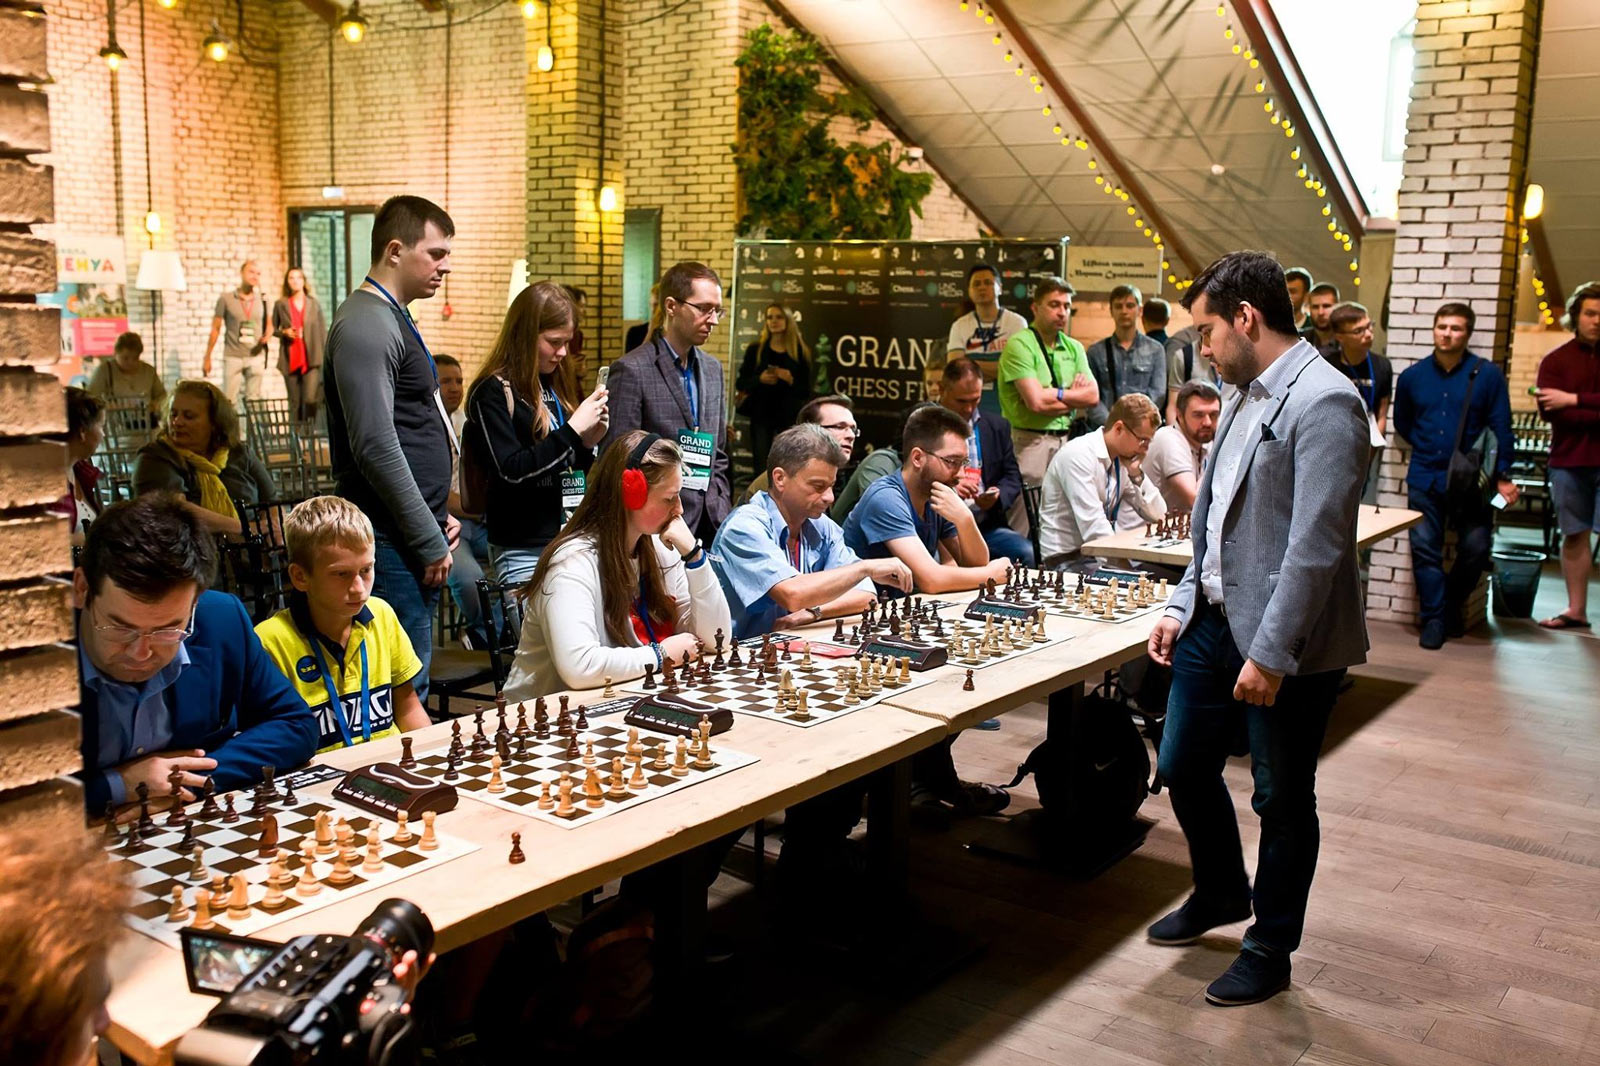 Гроссмейстер Ян Непомнящий дает сеанс одновременной игры в рамках шахматного фестиваля Grand Chess Fest 2018